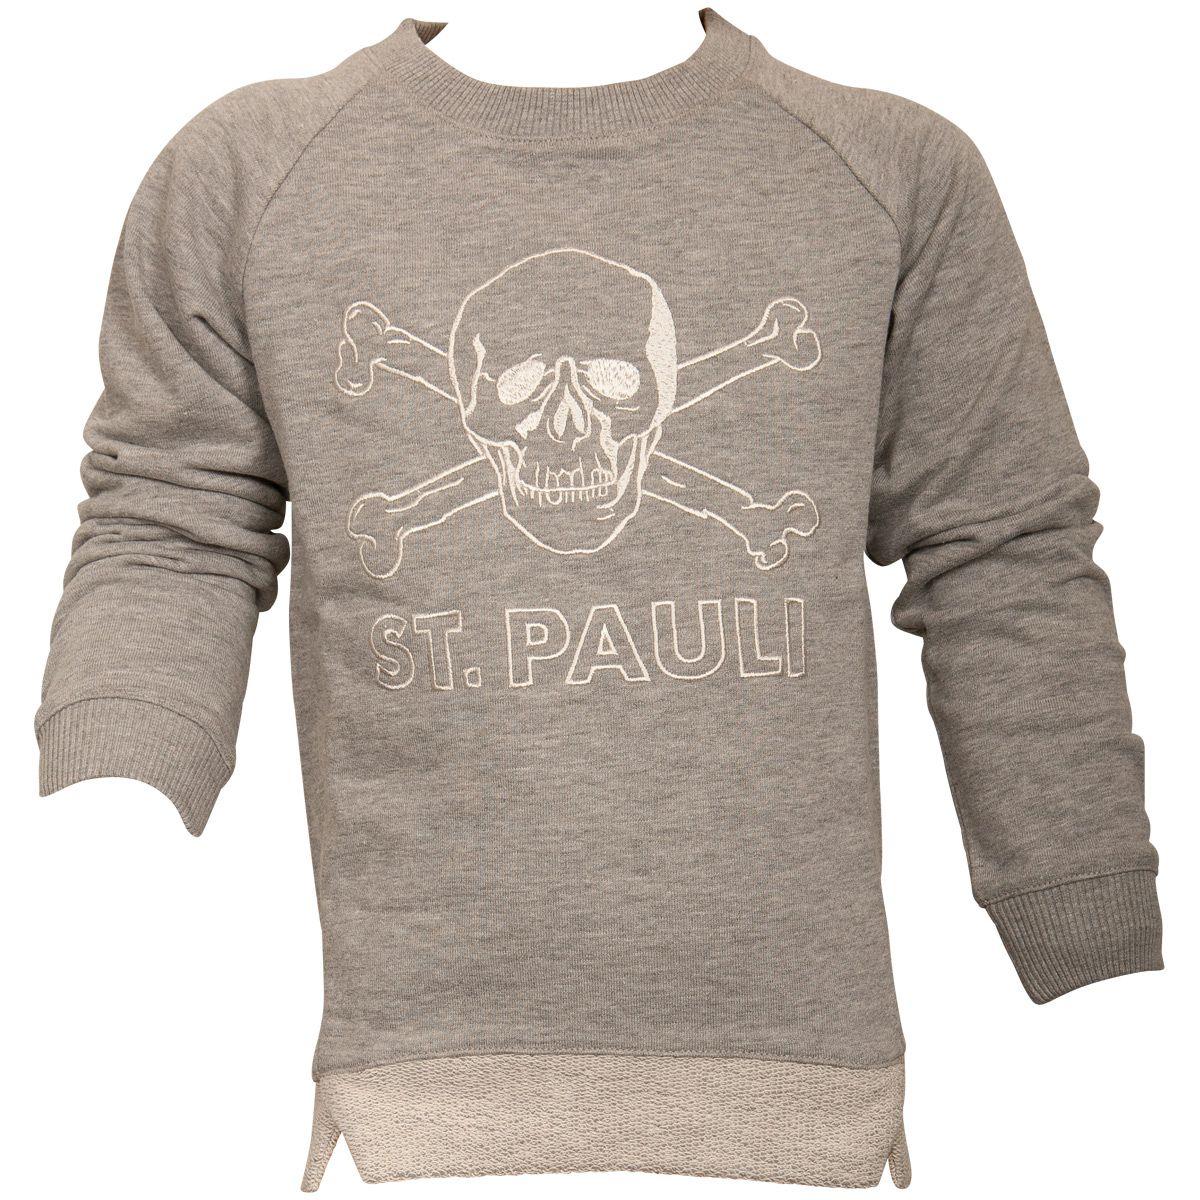 FC St. Pauli - Kinder Sweatshirt Totenkopf - grau